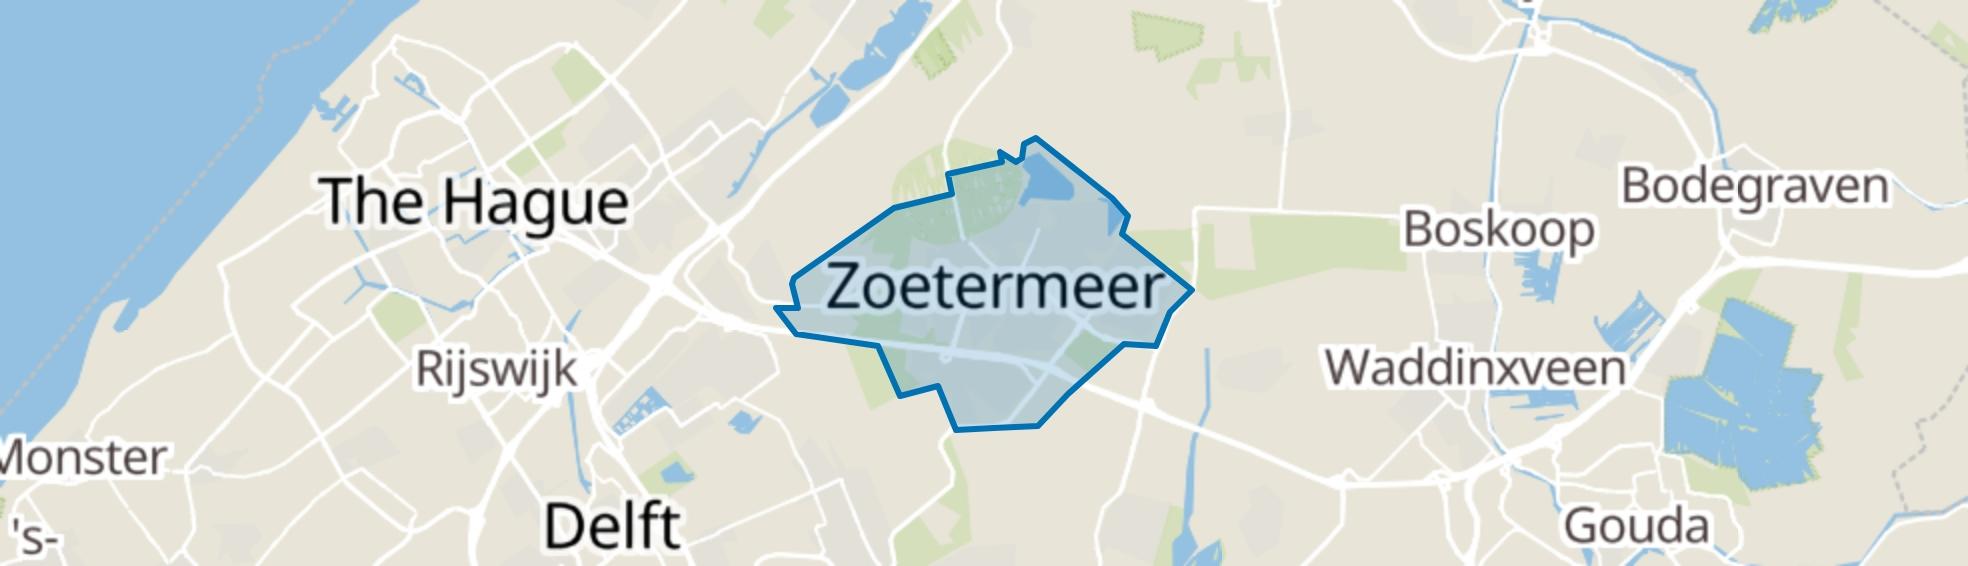 Zoetermeer map